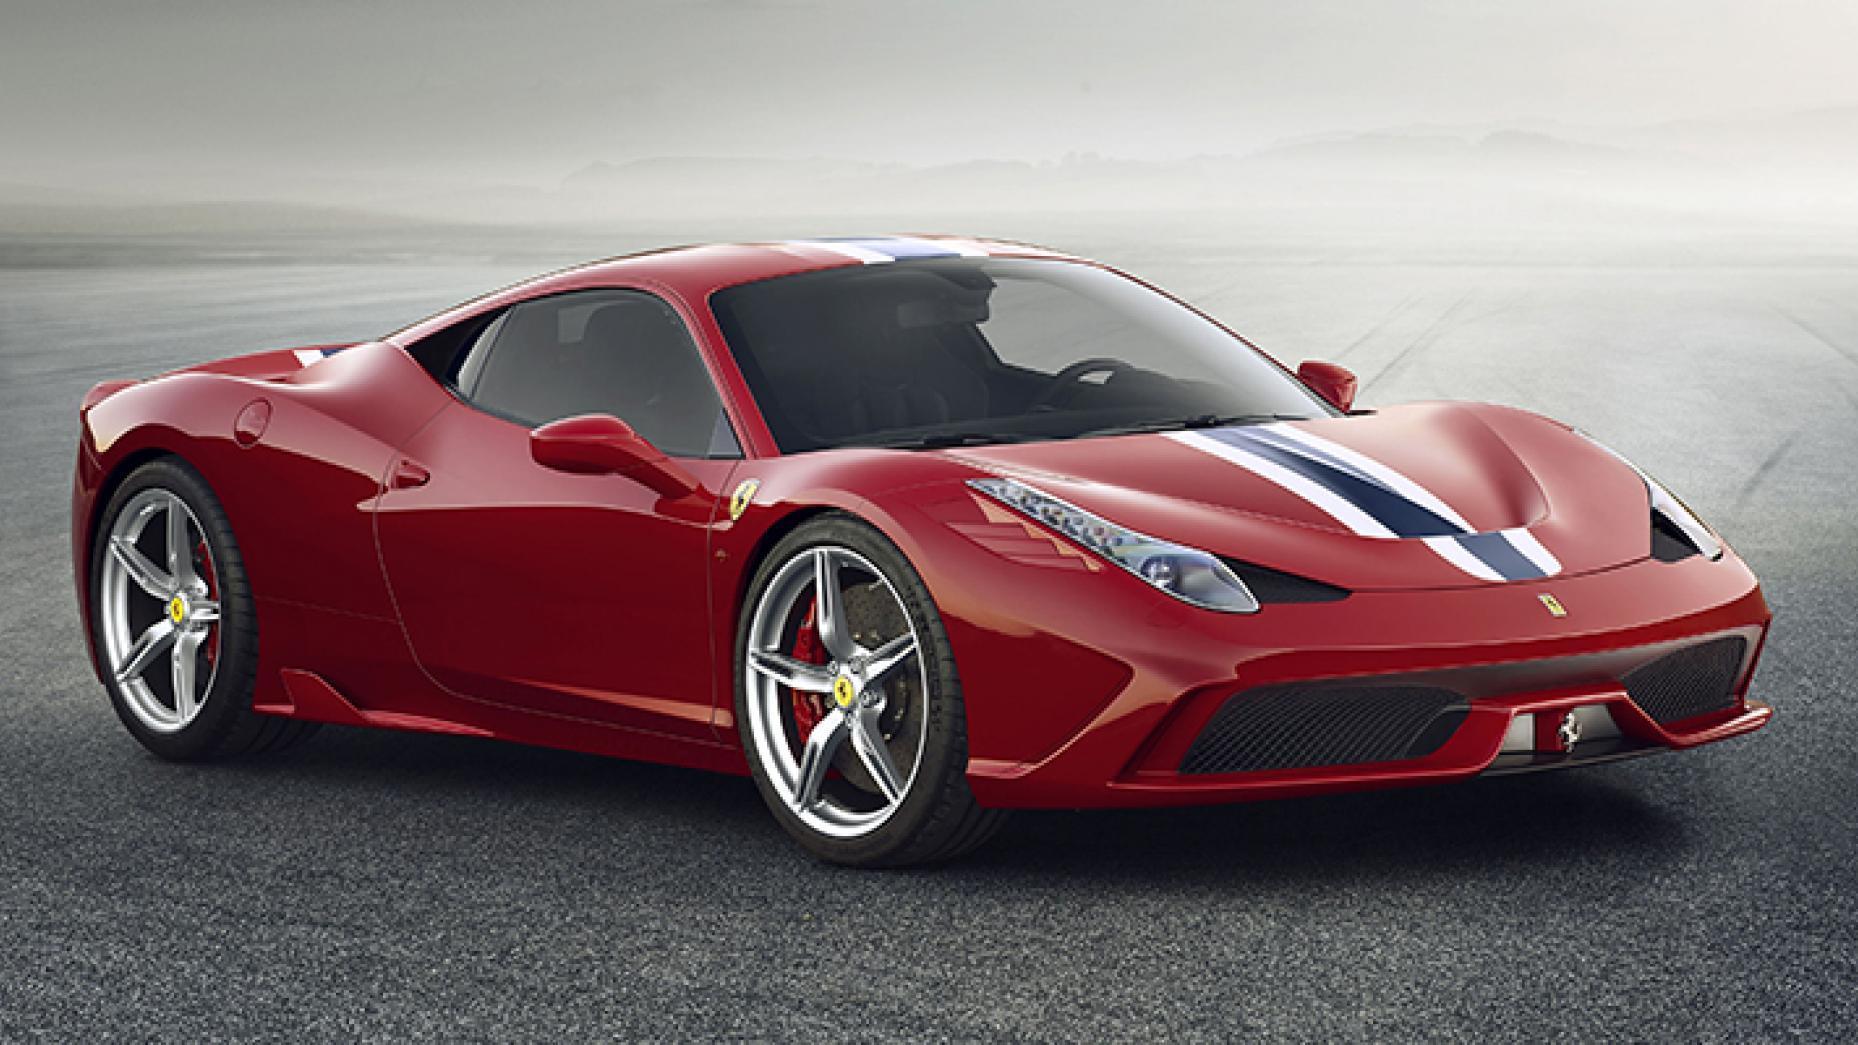 Ferrari 458 Speciale: 1m 23.5s